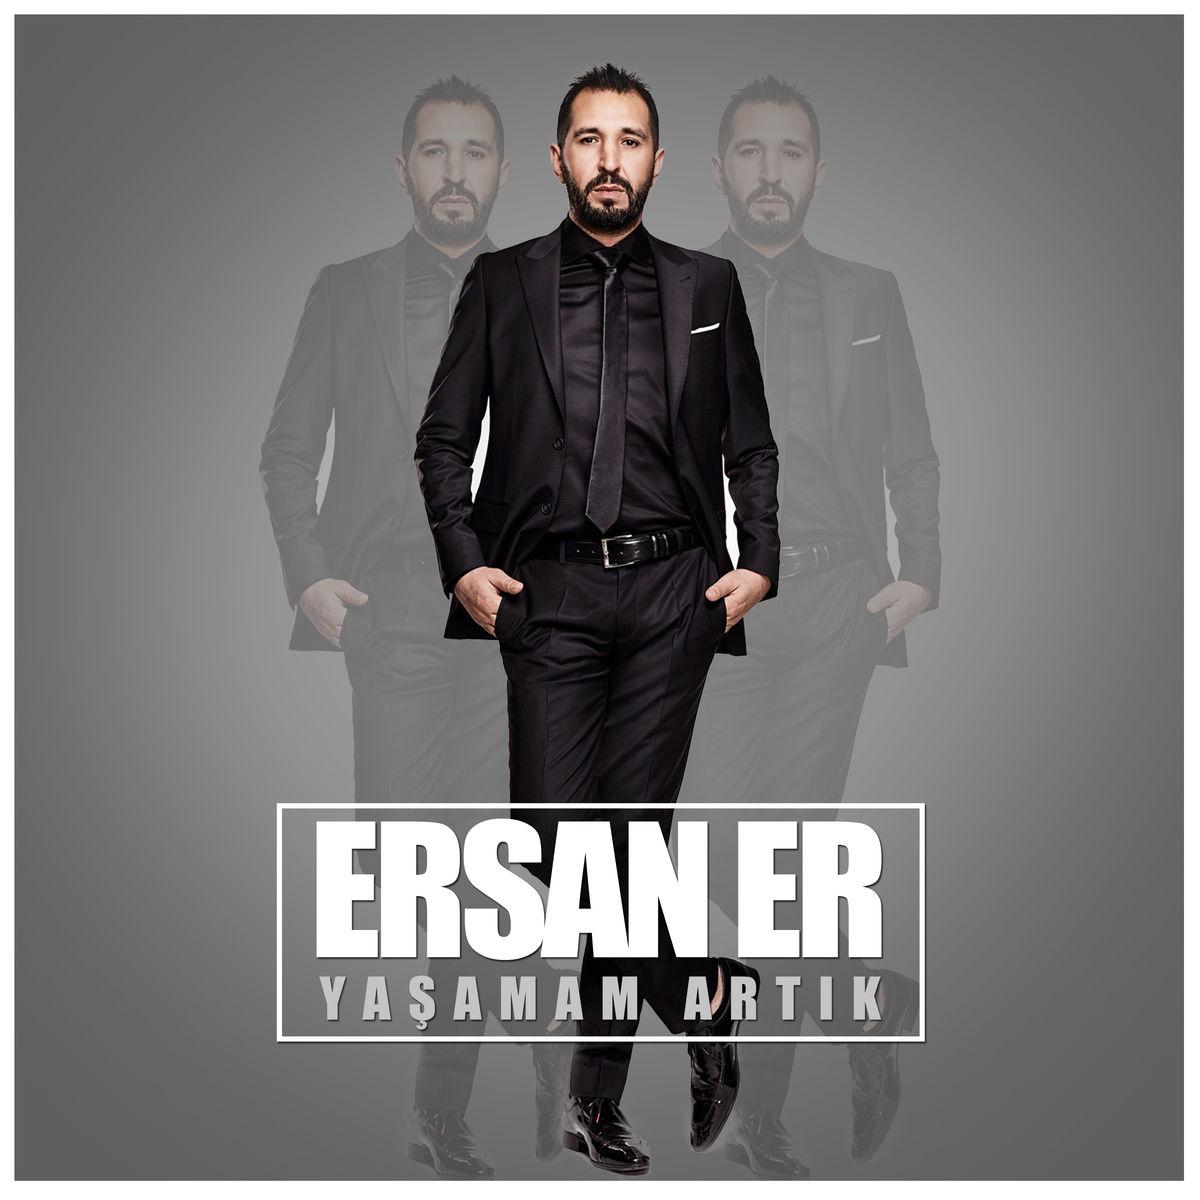 Ersan Er Yasamam Artik Dinle Radyonet Online Mp3 Muzik Dinle Ucretsiz Mp3 Indir